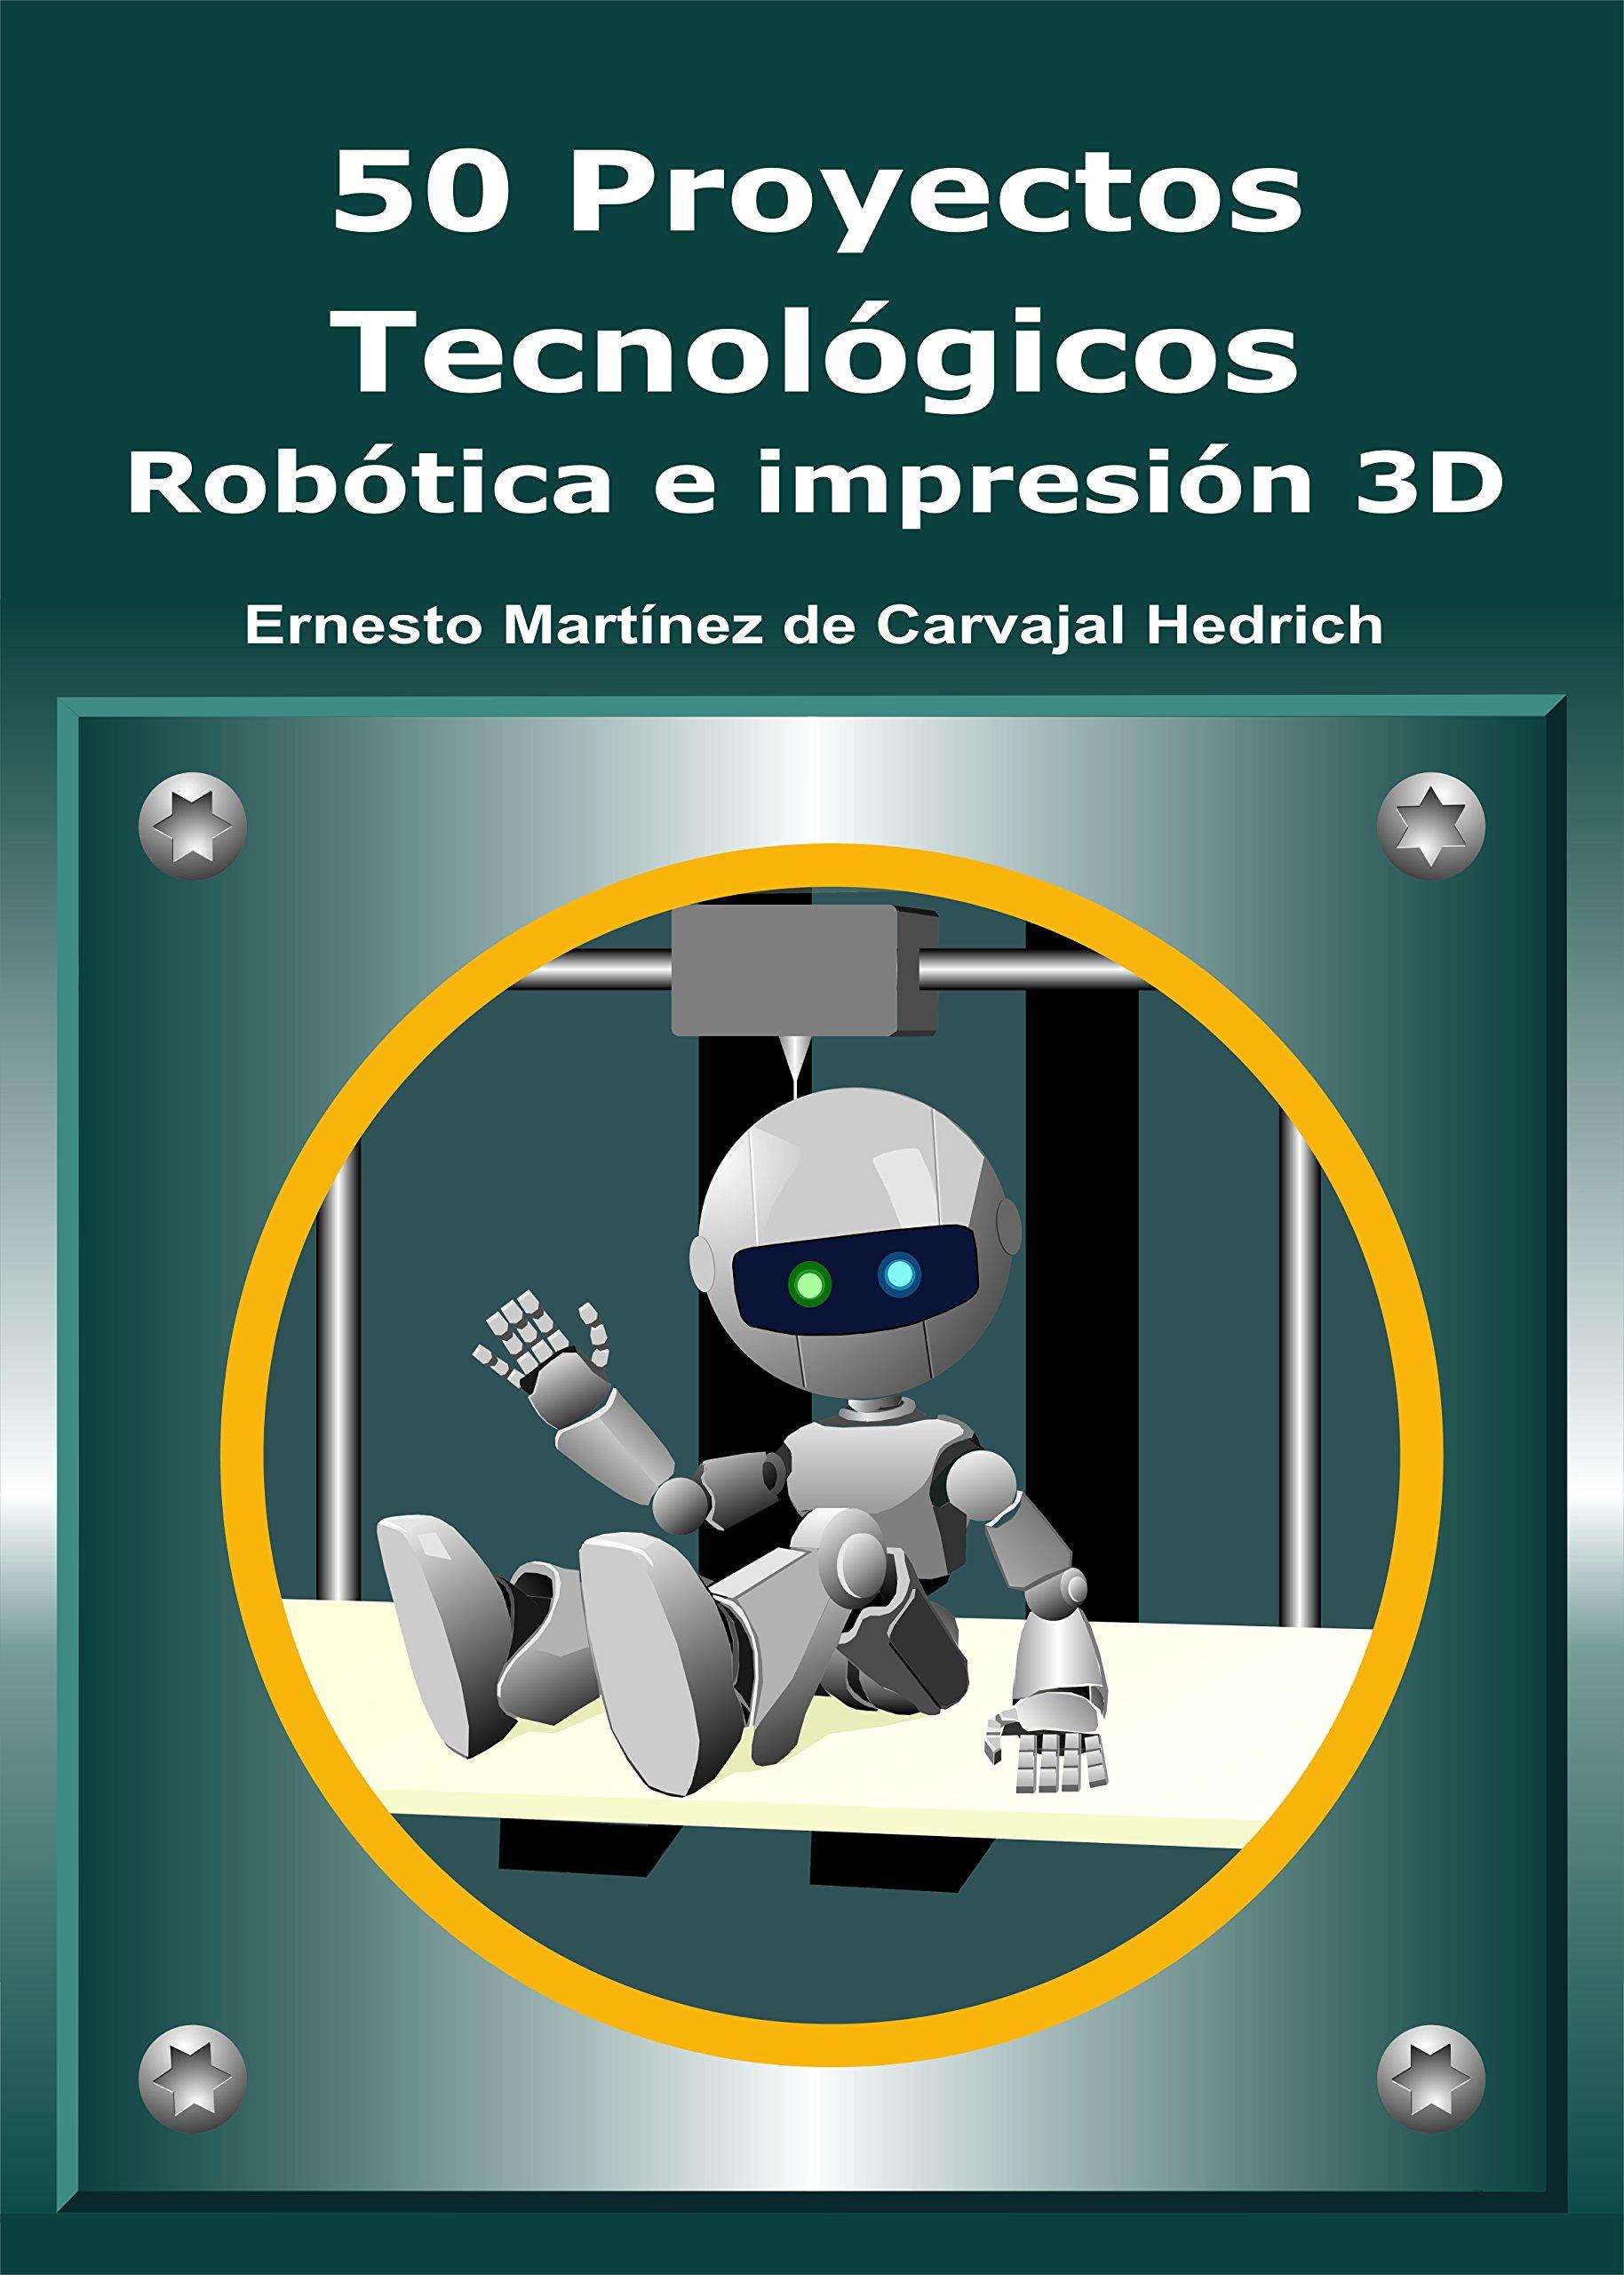 50 Proyectos Tecnológicos - Robótica e Impresión 3D: Amazon.es ...